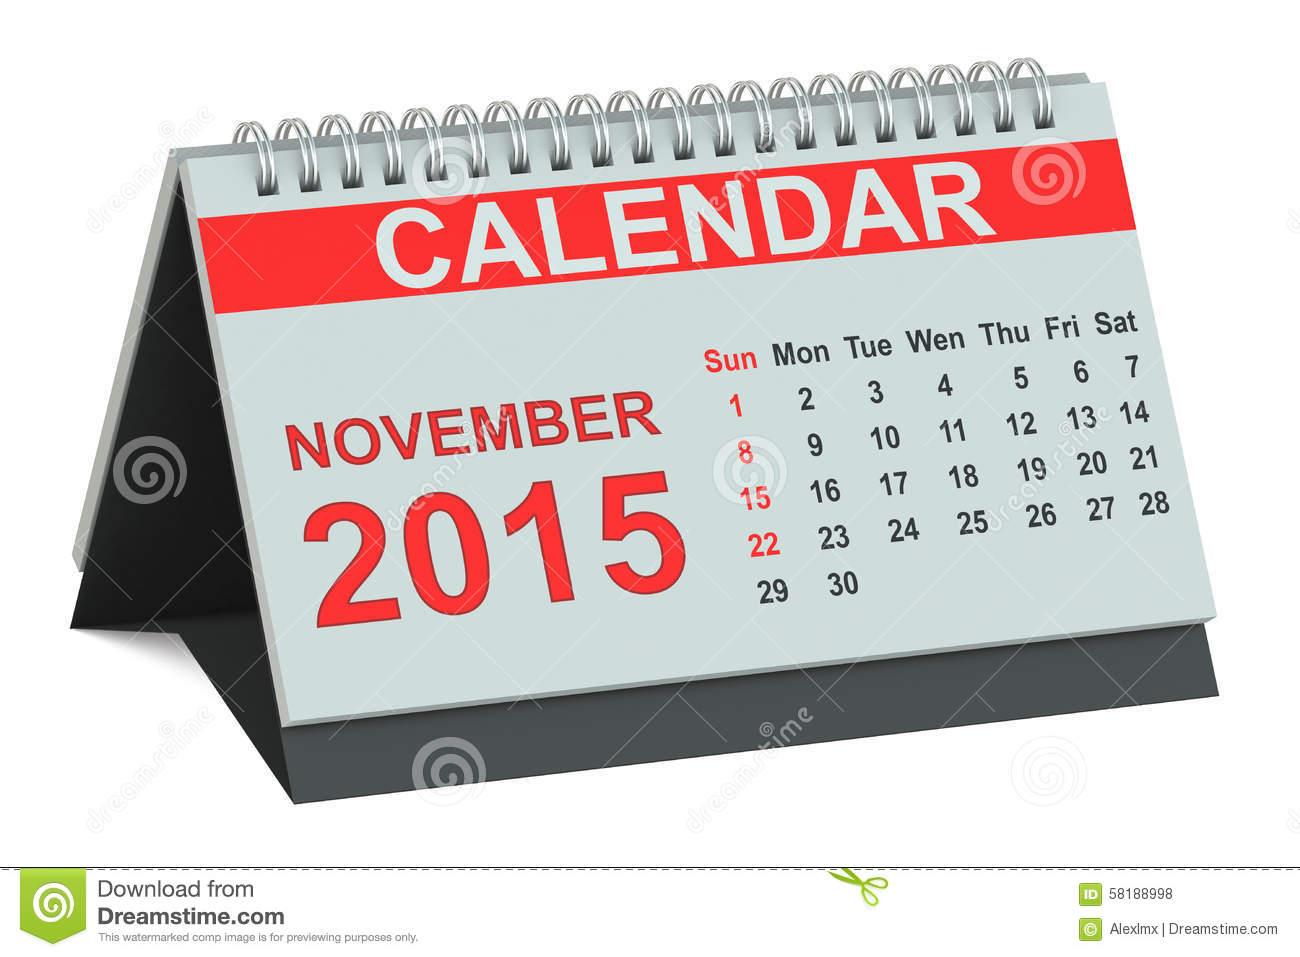 November 2015 calendar clipart jpg free library 2015 Calendar: Month Of November Stock Illustration - Image: 45462247 jpg free library